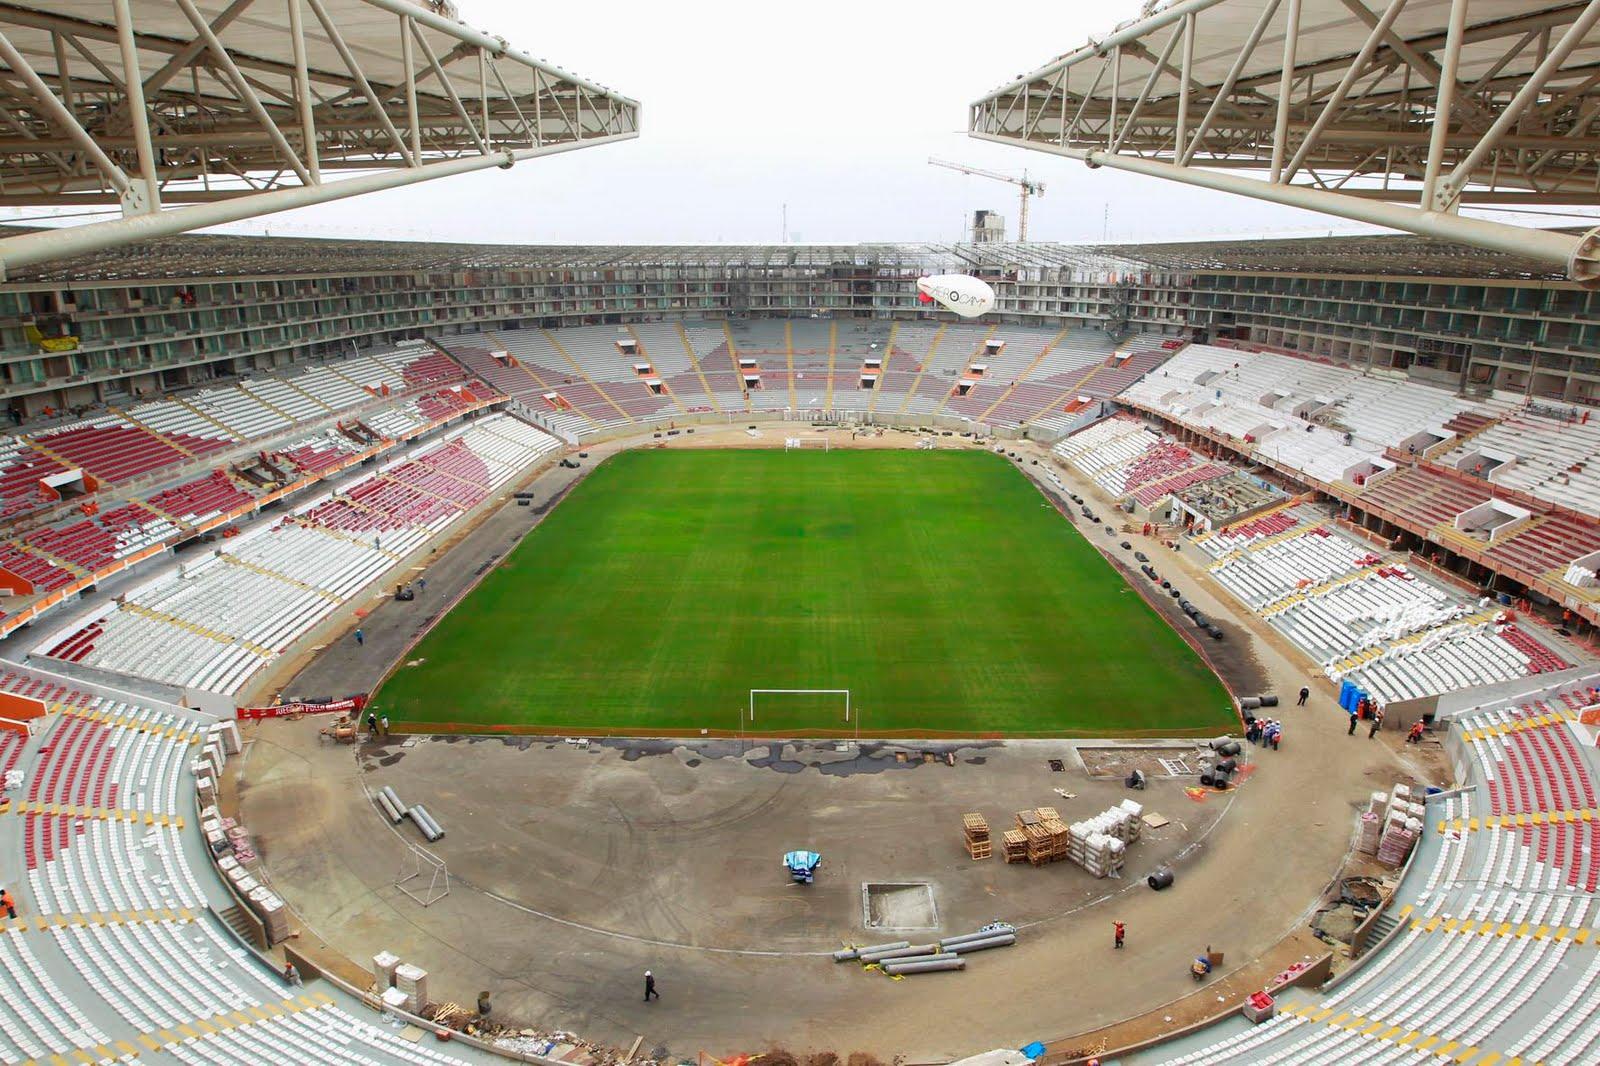 Desarrollo peruano junio 2011 for Puerta 9 del estadio nacional de lima